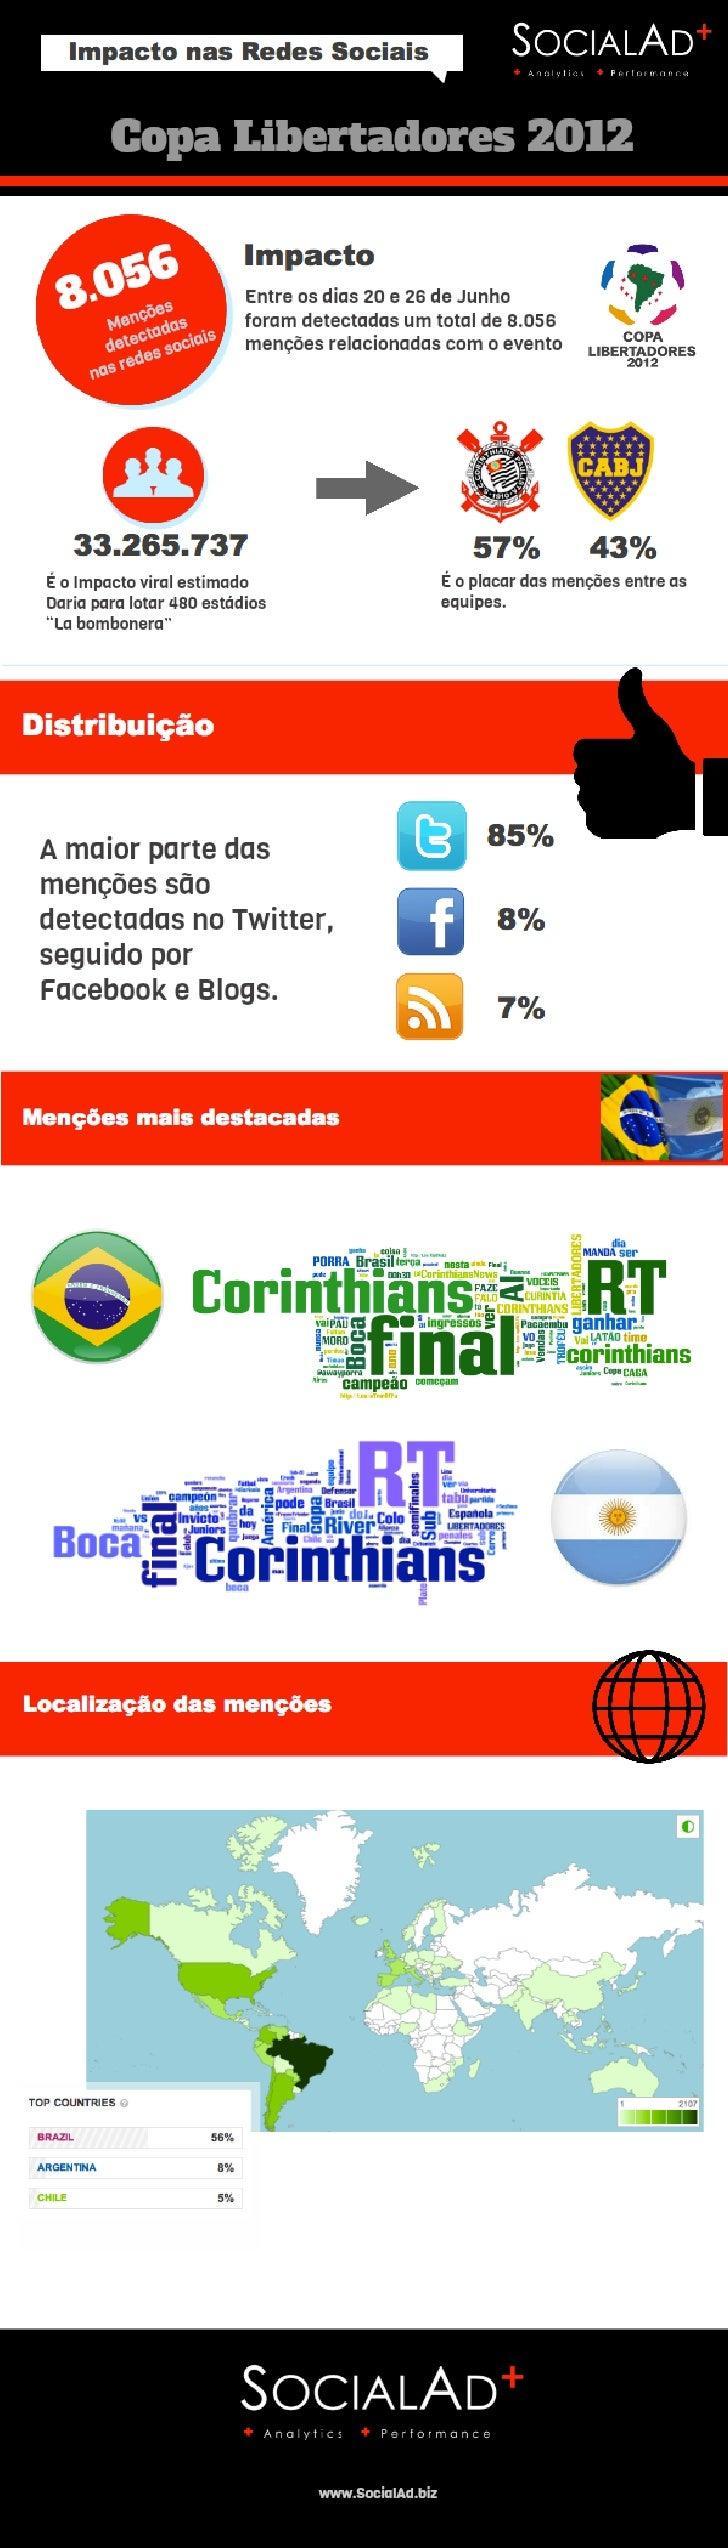 Copa Libertadores 2012. SocialAd. Impacto das redes sociais na final da Copa Libertadores